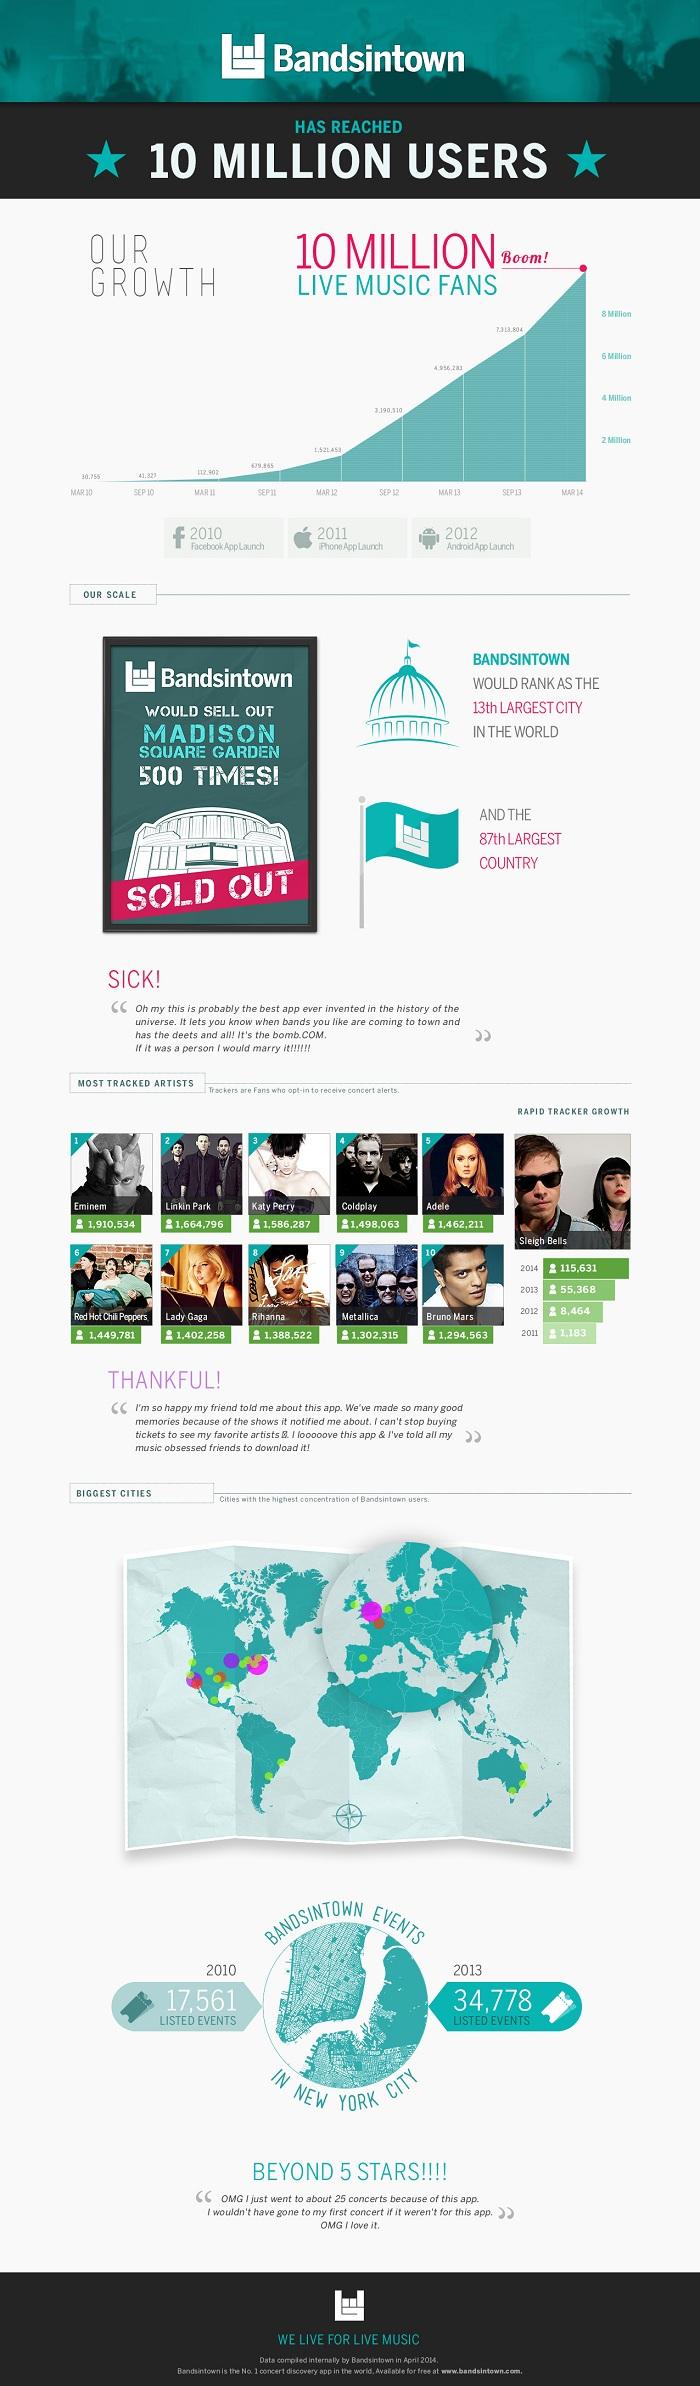 Bandsintown supera los 10 millones de usuarios